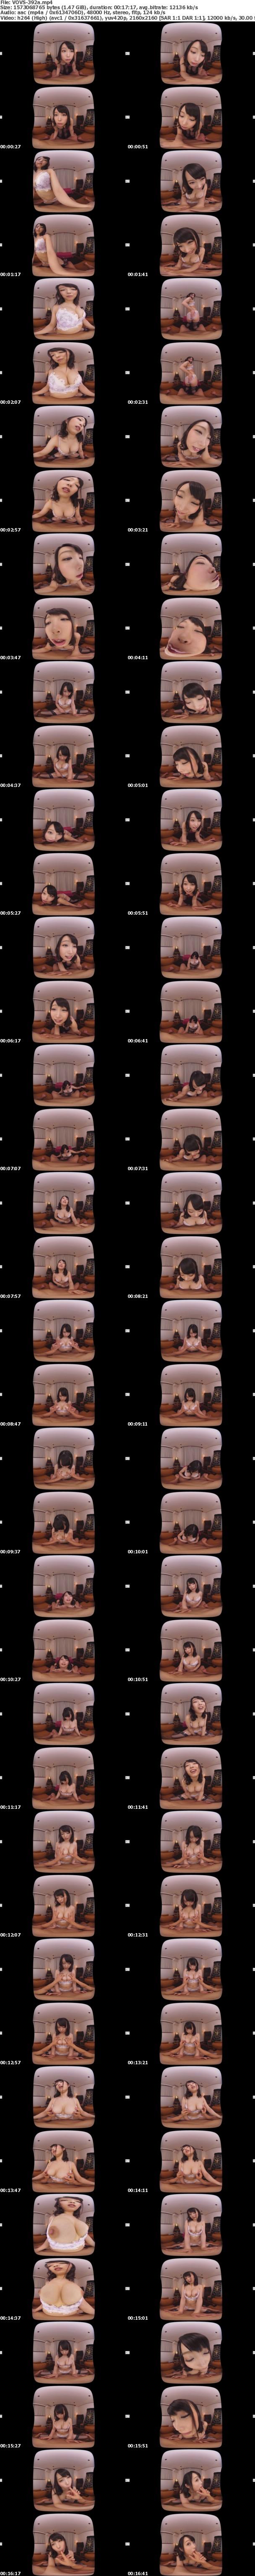 VR/3D [VOVS-392] 【VR】長尺47分・高画質 妖艶で美しい体を包む ランジェリー性交 桐谷なお